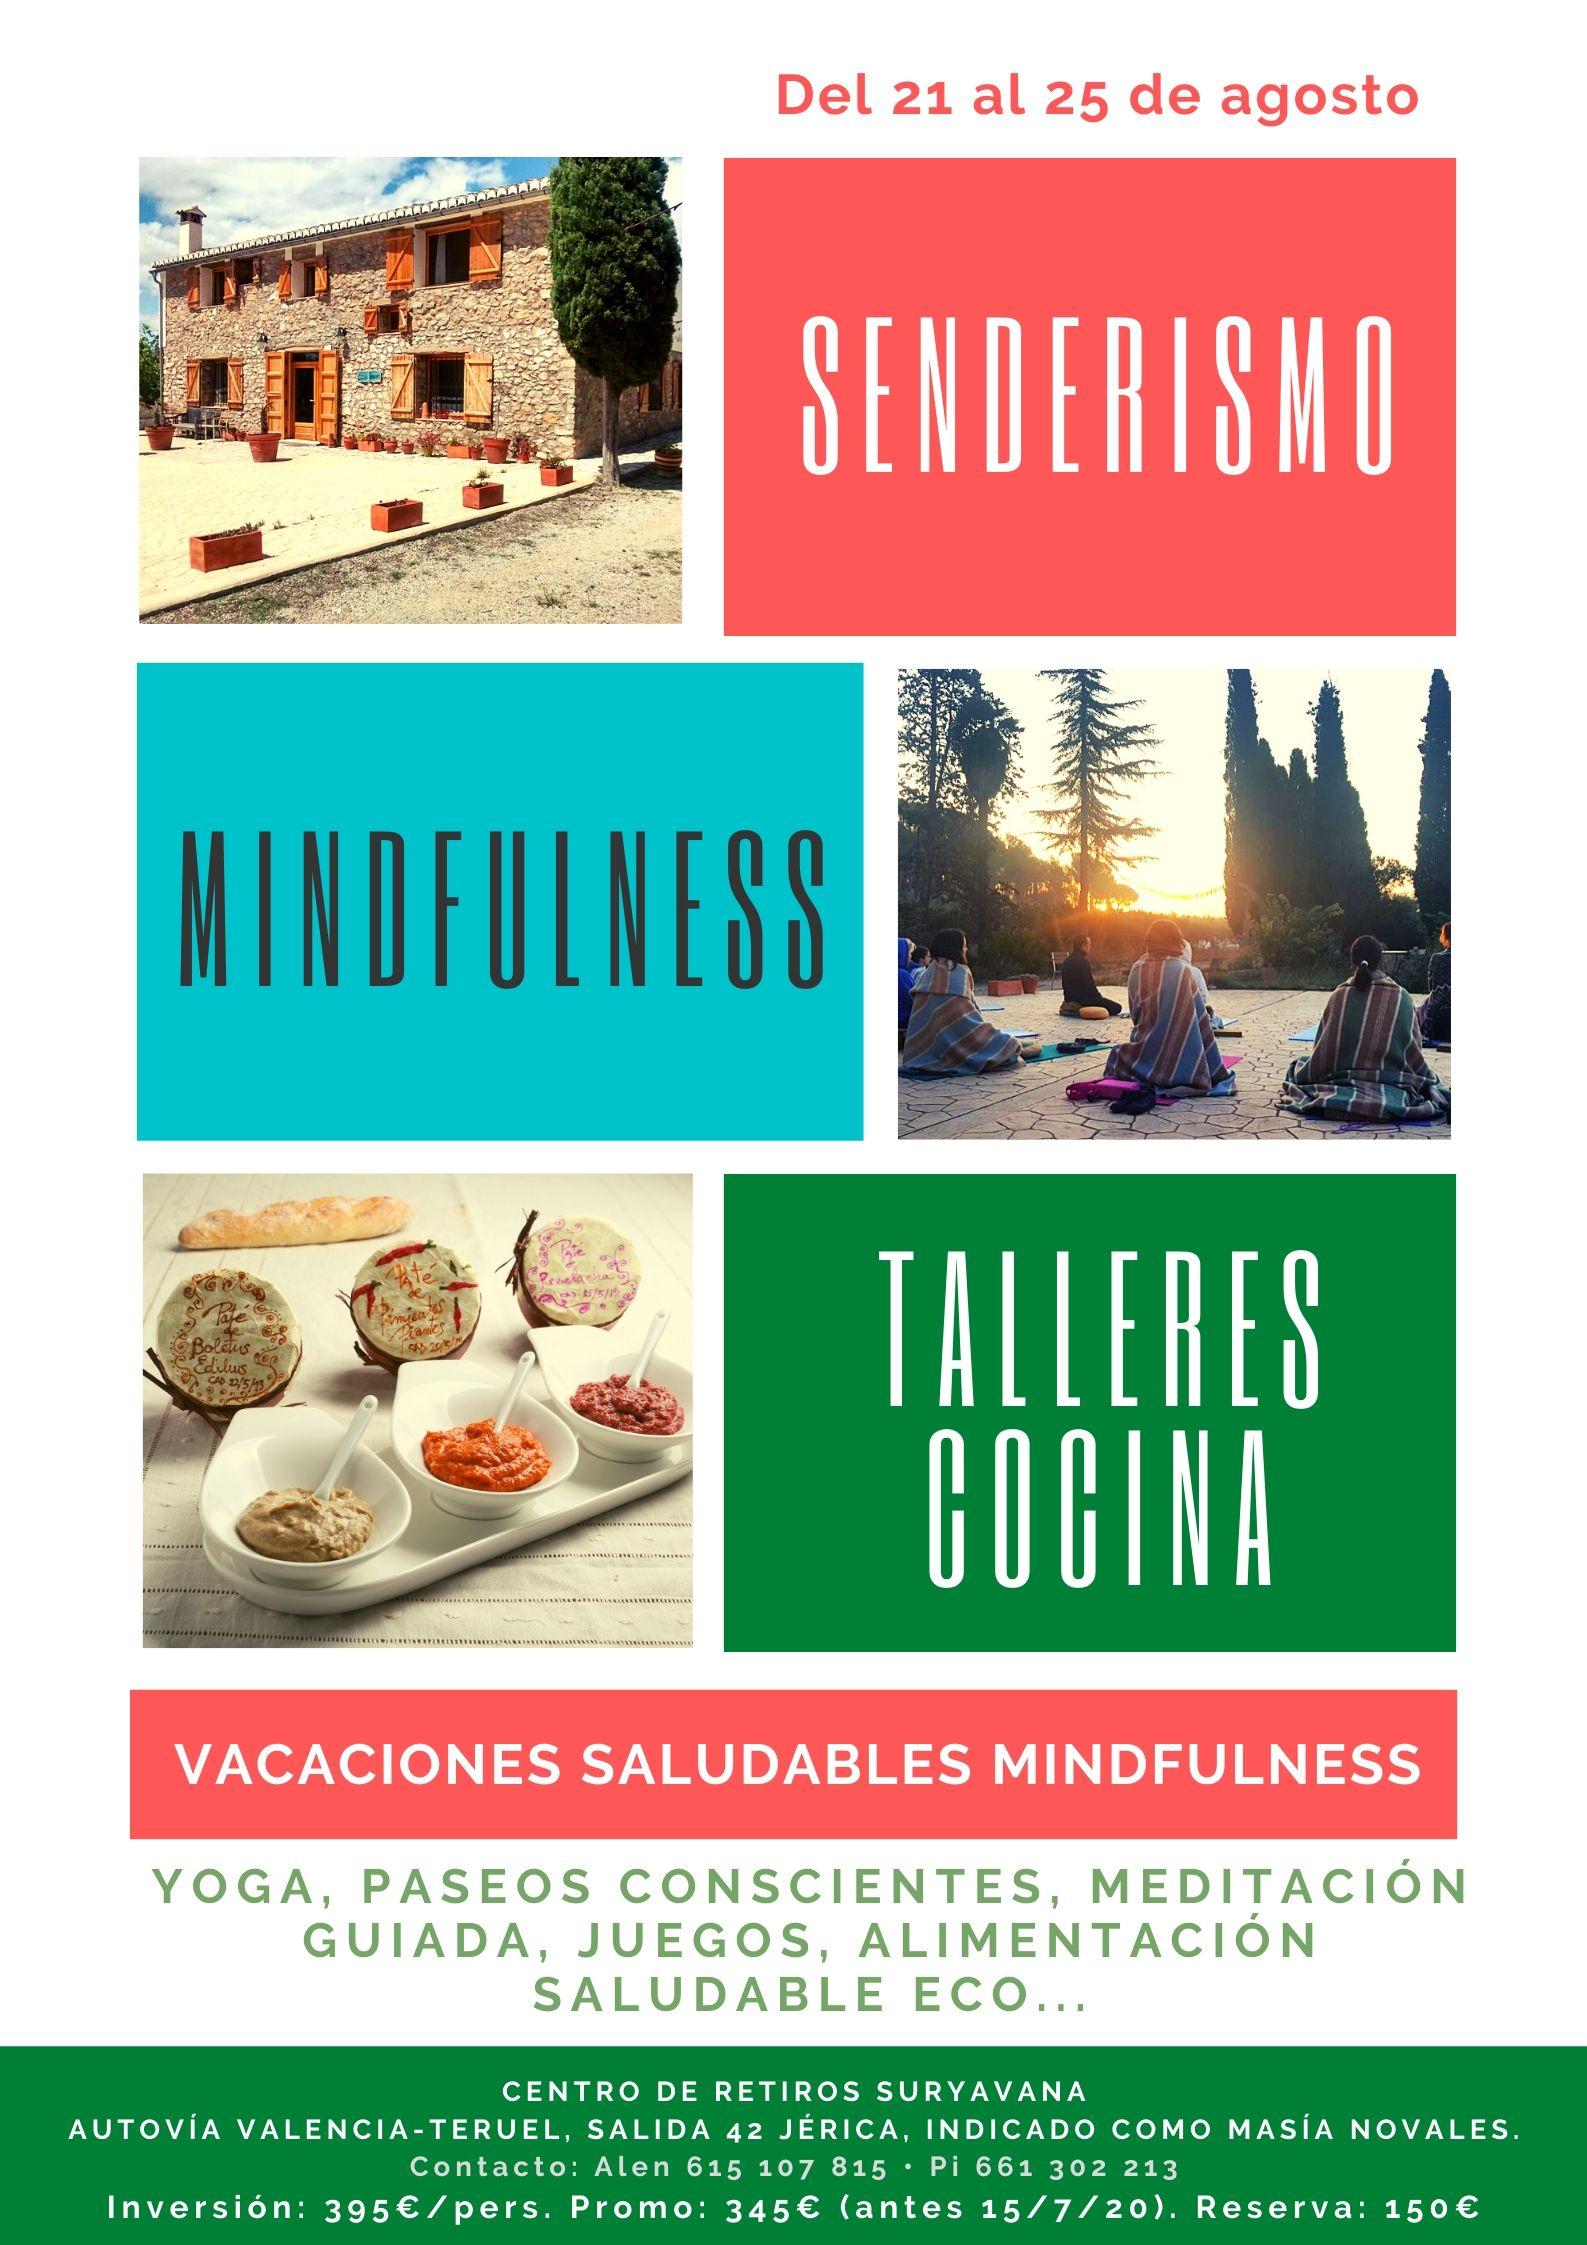 VACACIONES MINDFULNESS Y ALIMENTACIÓN SALUDABLE